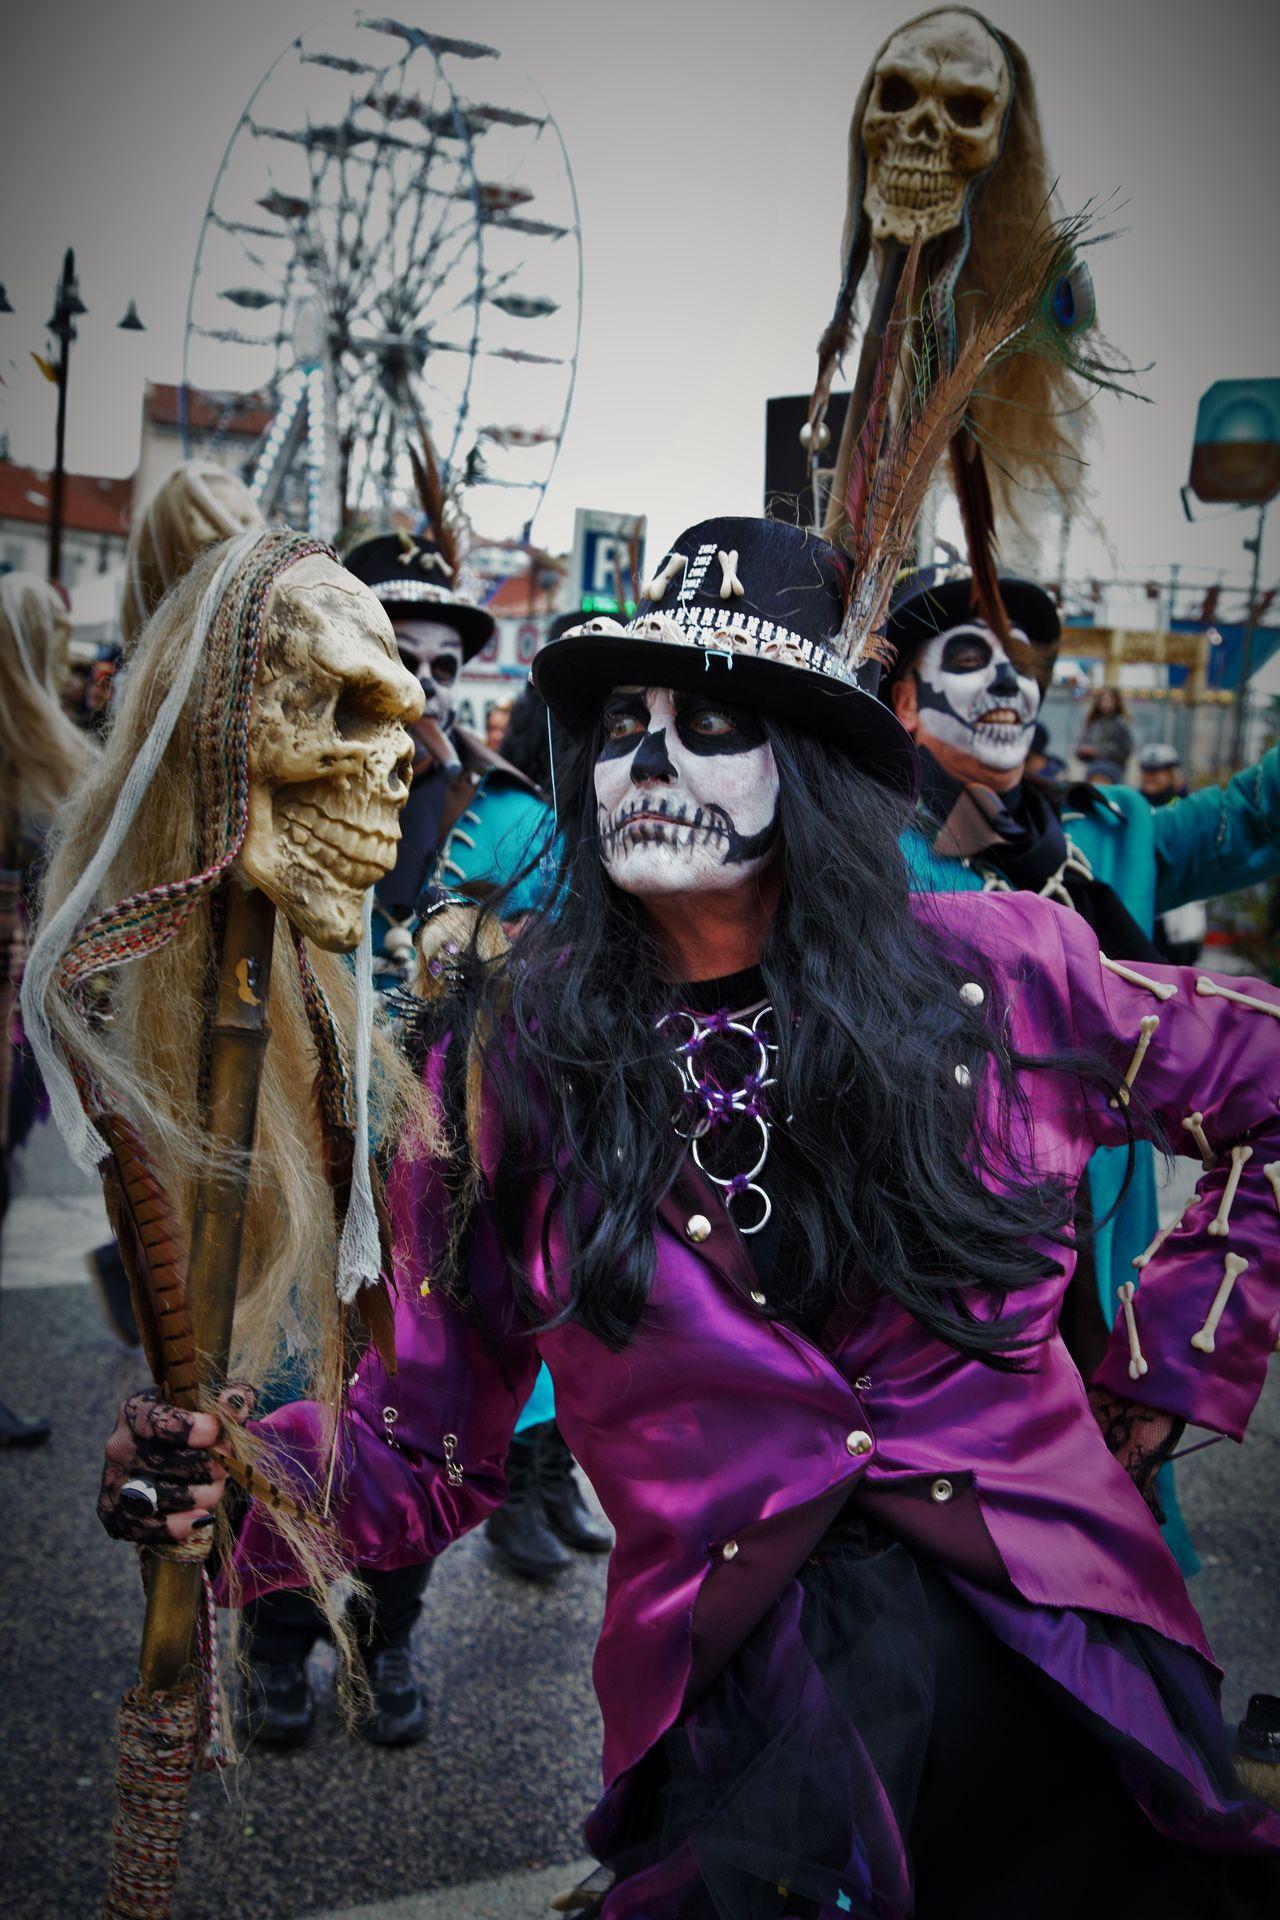 Colors Of Carnival Carnevaldemuja63 zombie Muggia Carneval Company Brivido